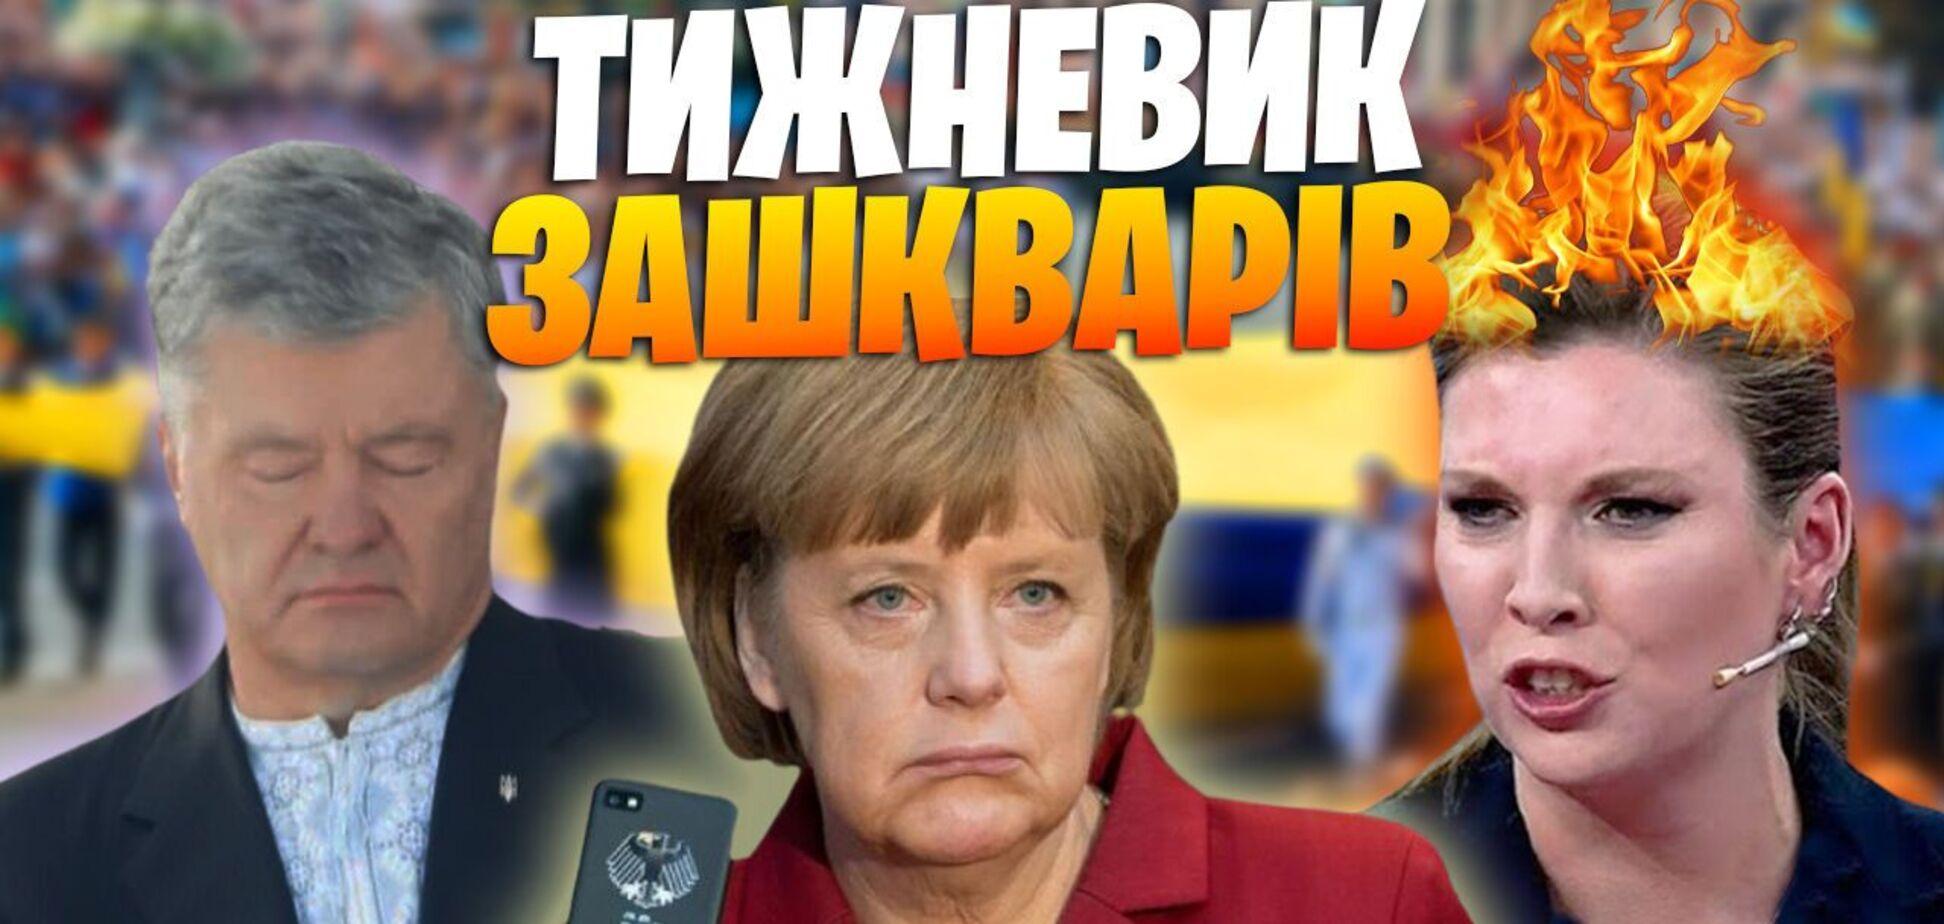 'Зелёный' Порошенко, карма для госслужащего и Меркель на связи. 'Еженедельник Зашкваров' от Конституционно-Правового Конгресса